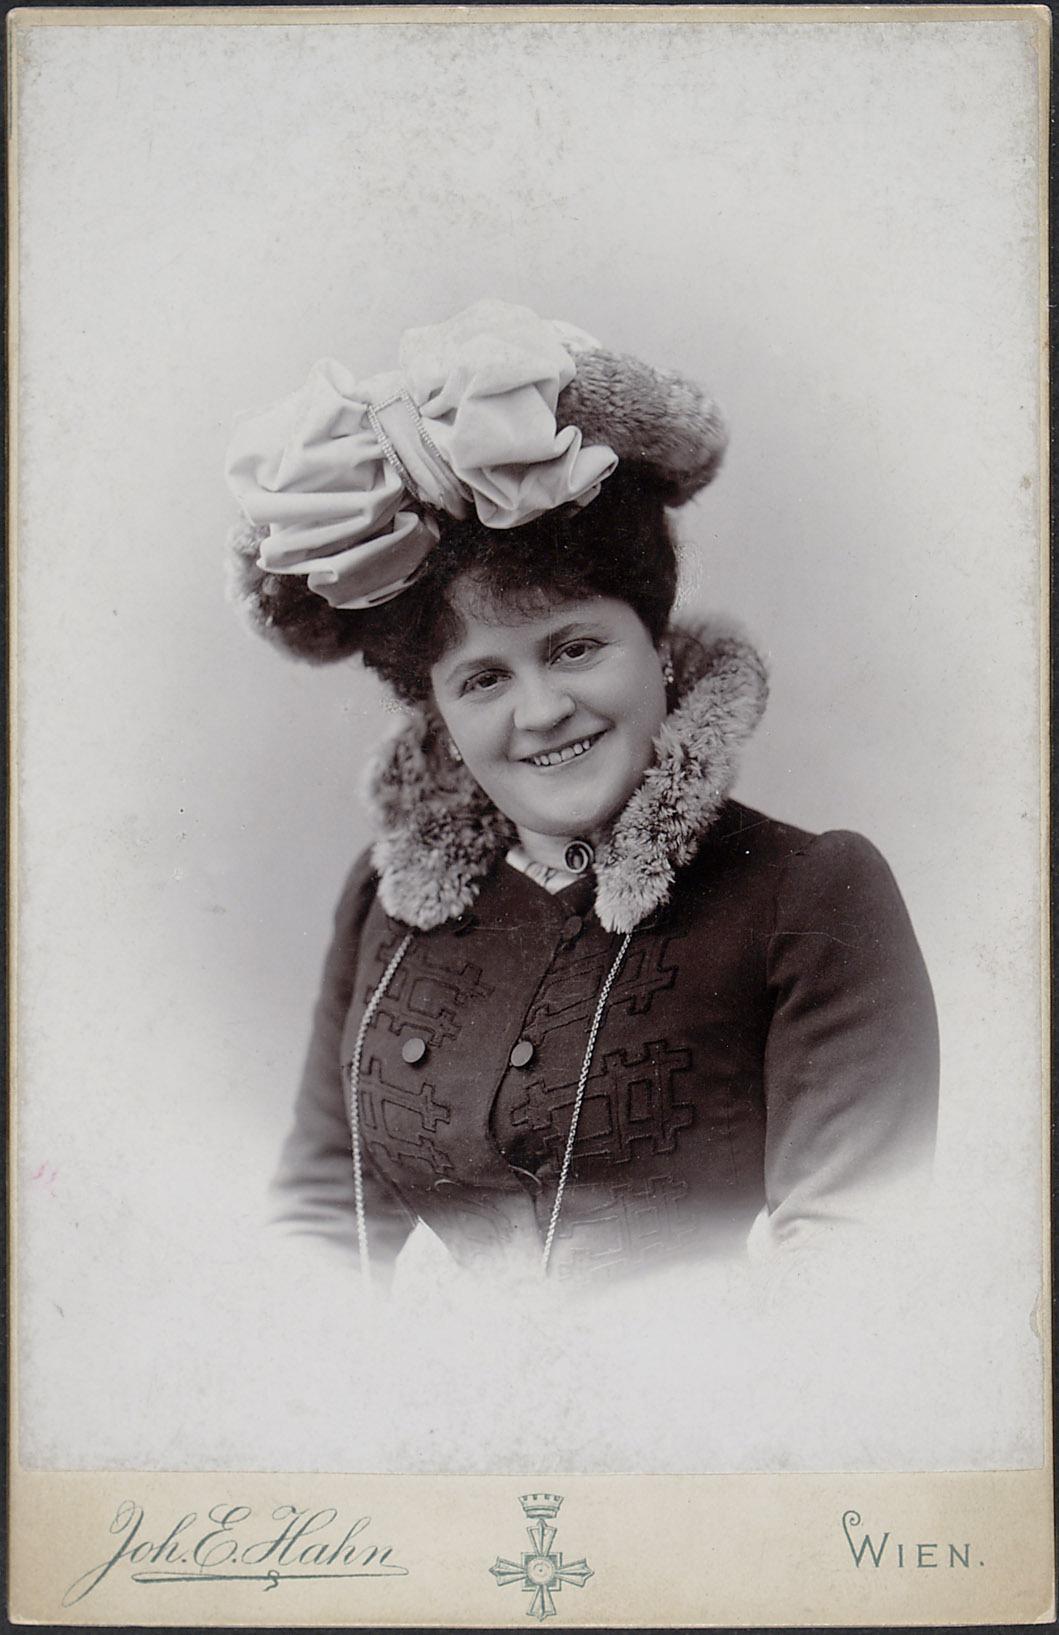 Irene Szohner von Johann E. Hahn, Wien